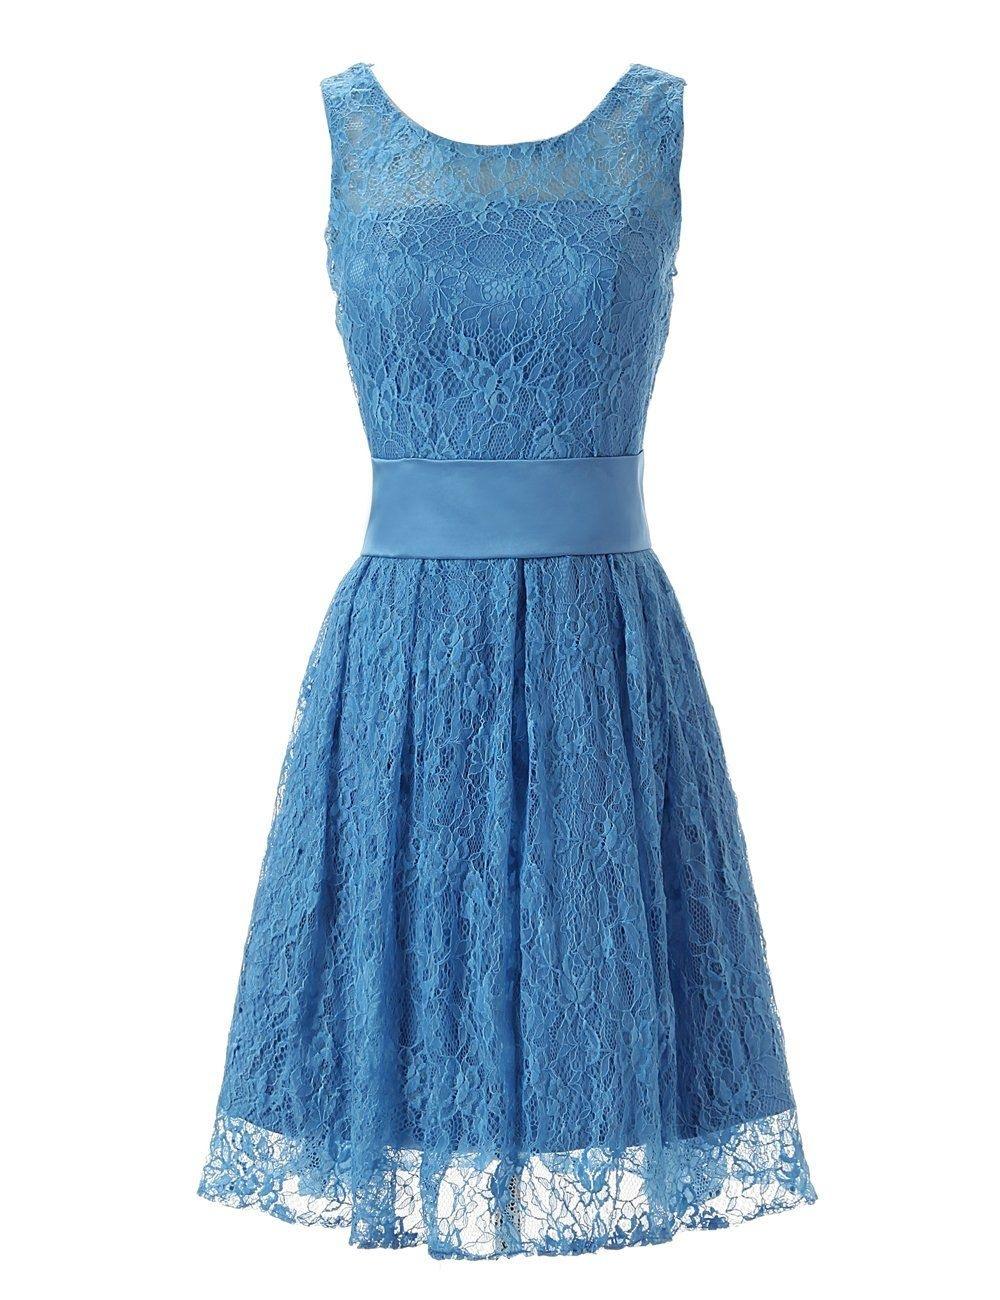 17 Großartig Blaue Kleider Knielang für 2019Formal Schön Blaue Kleider Knielang Galerie